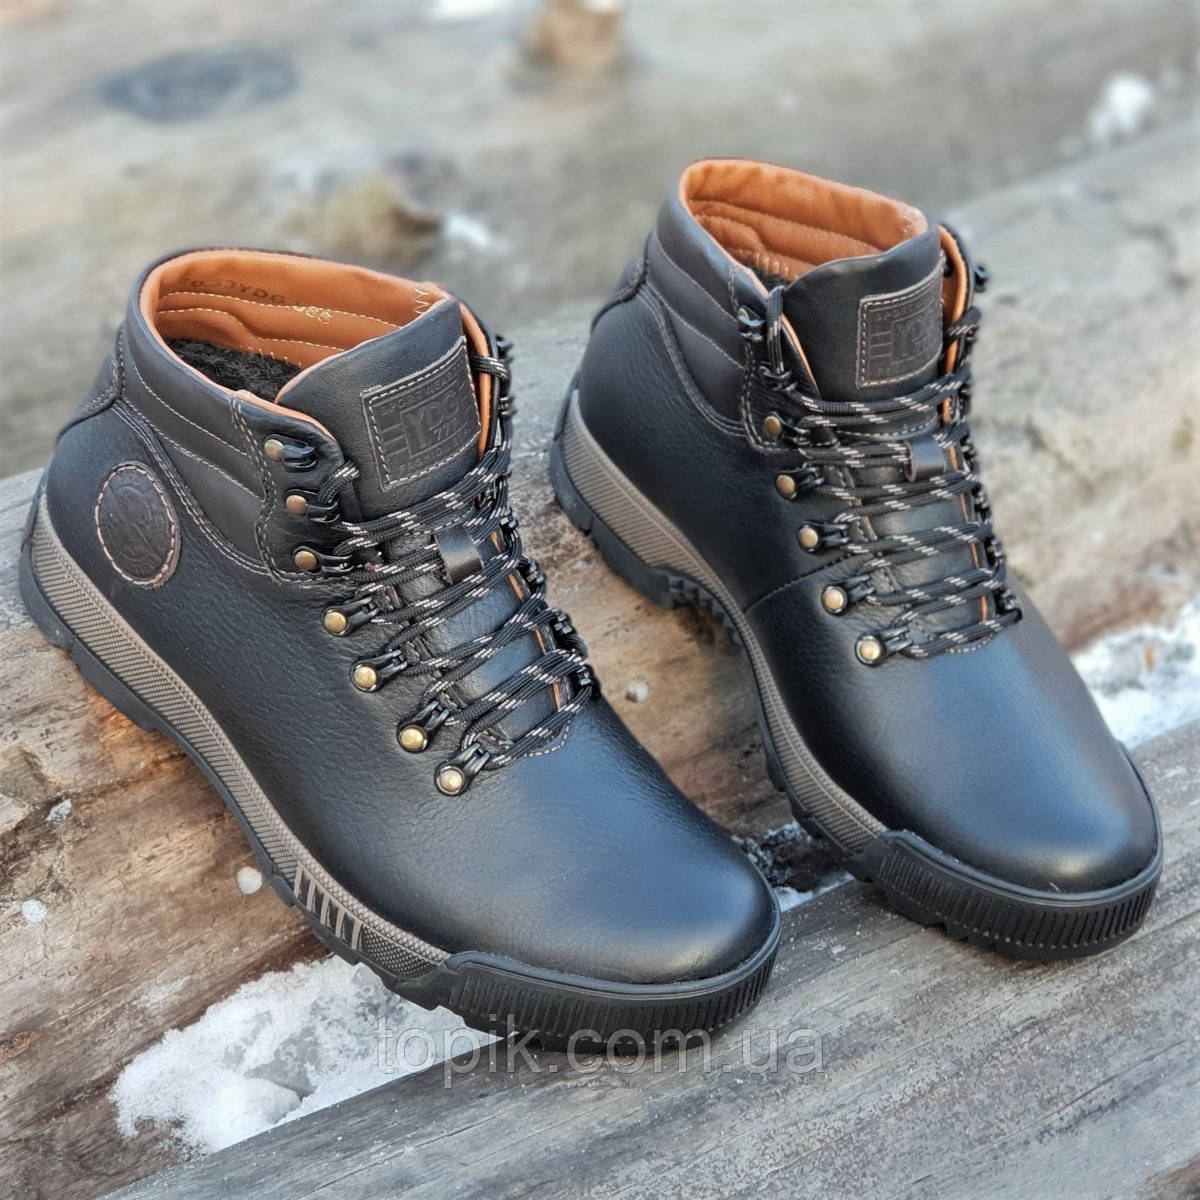 Стильные зимние мужские спортивные ботинки кожаные черные на меху толстая зимняя подошва (Код: 1323a)